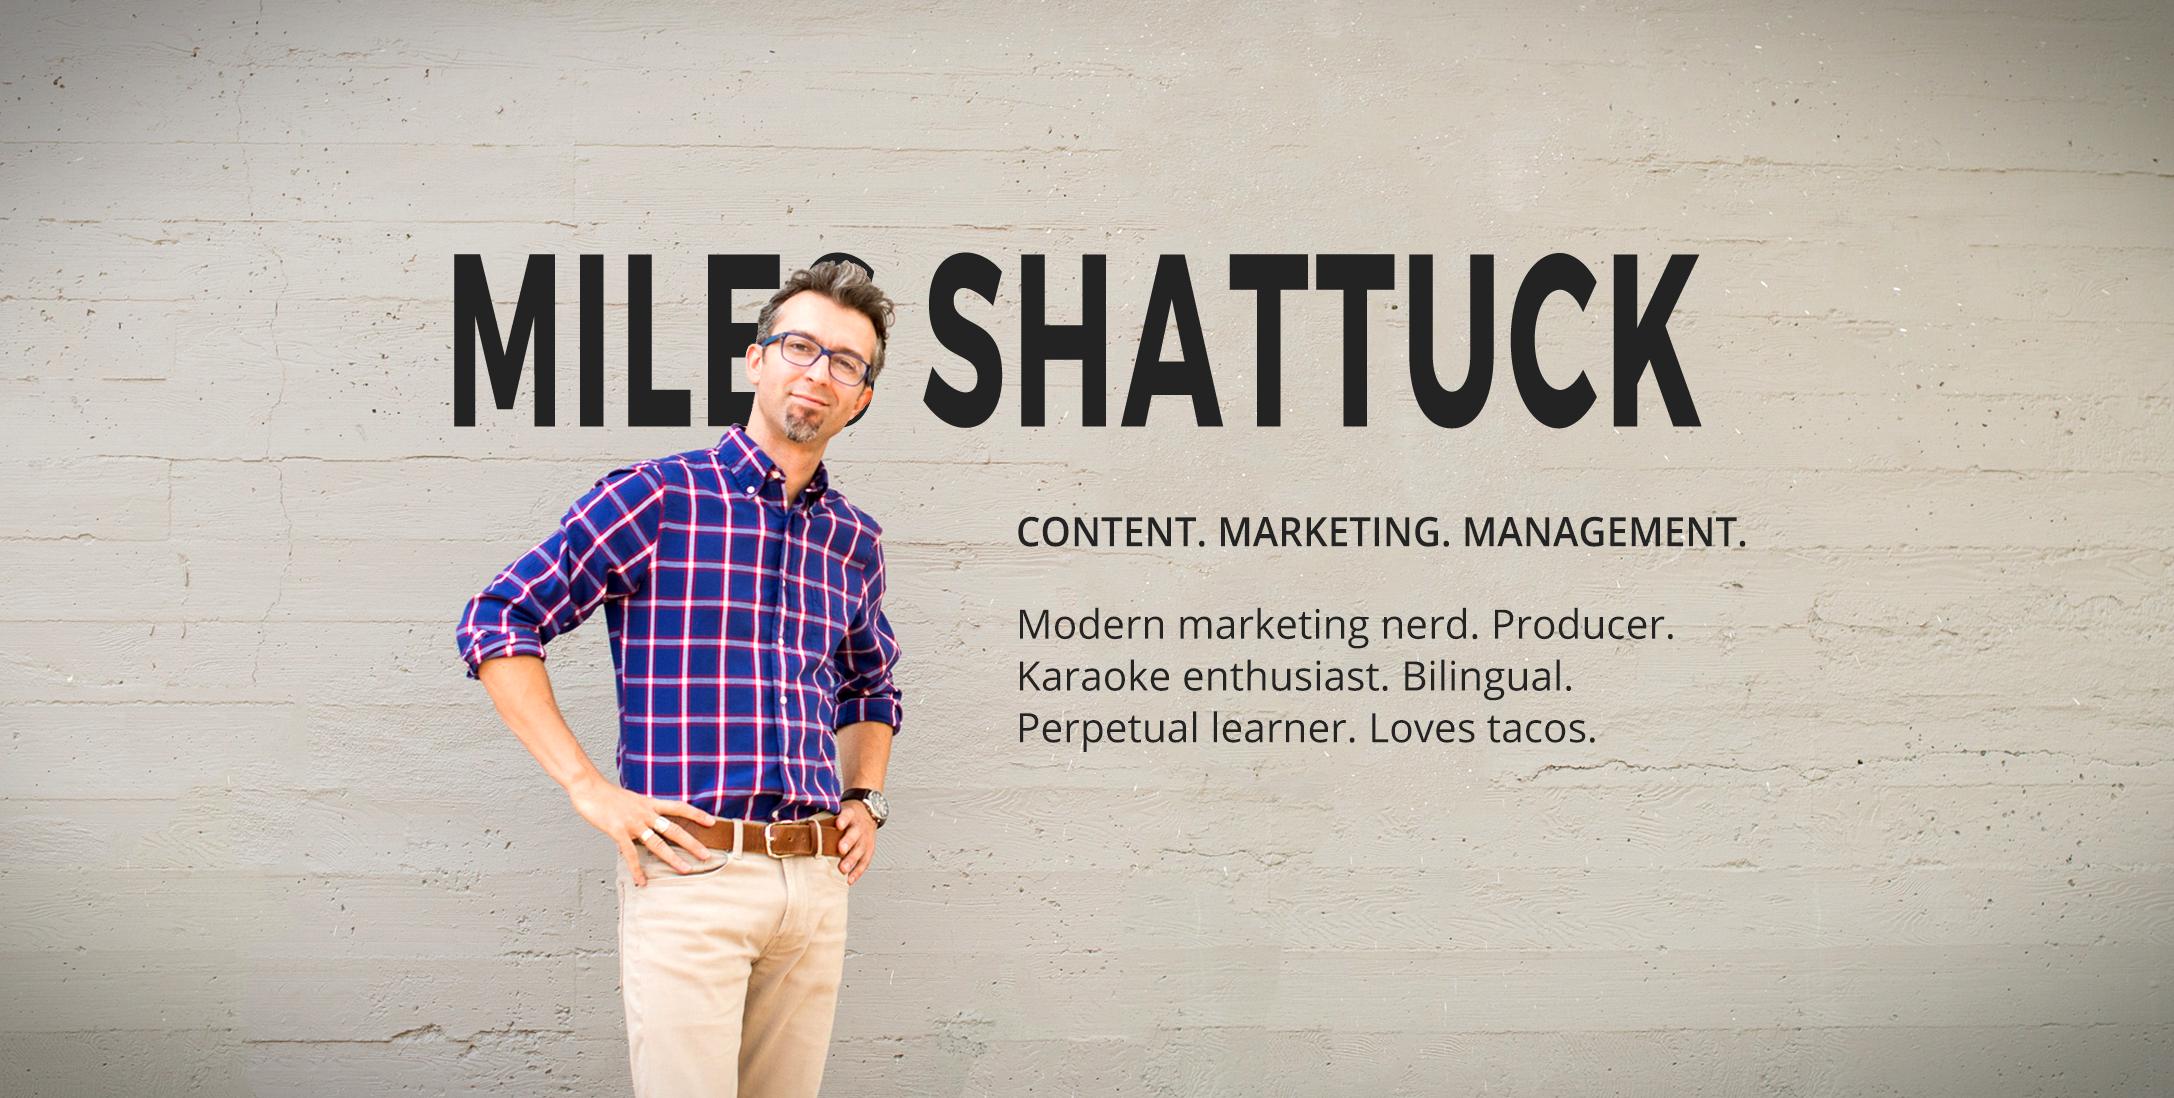 Miles Shattuck Online